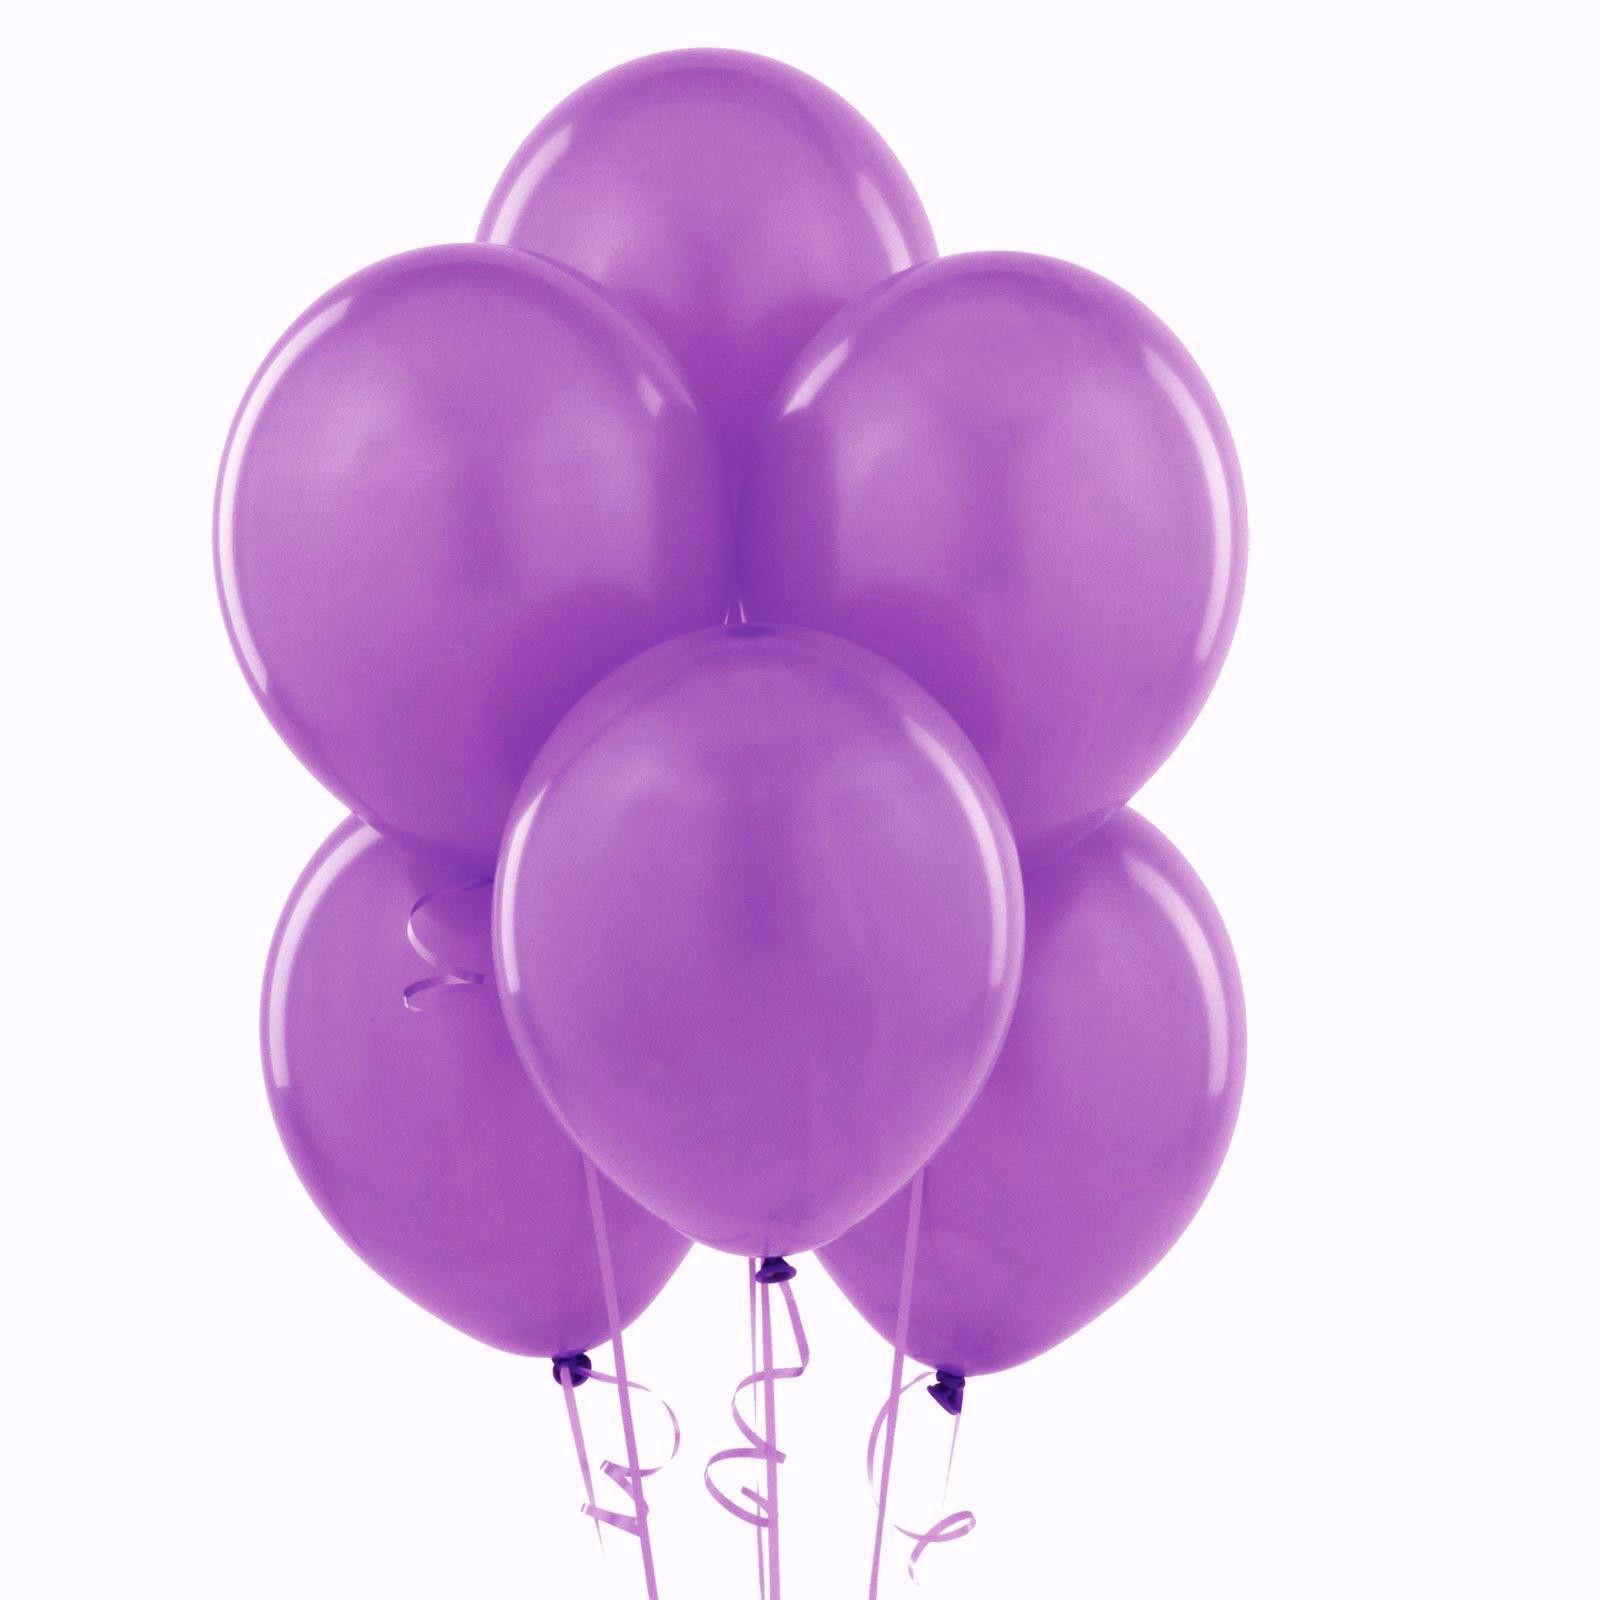 Coloreee Coloreee Coloreee All'ingrosso Palloncini in Lattice grandi qualità prezzo ingrosso PARTY PALLONCINI Baloons 0d1919